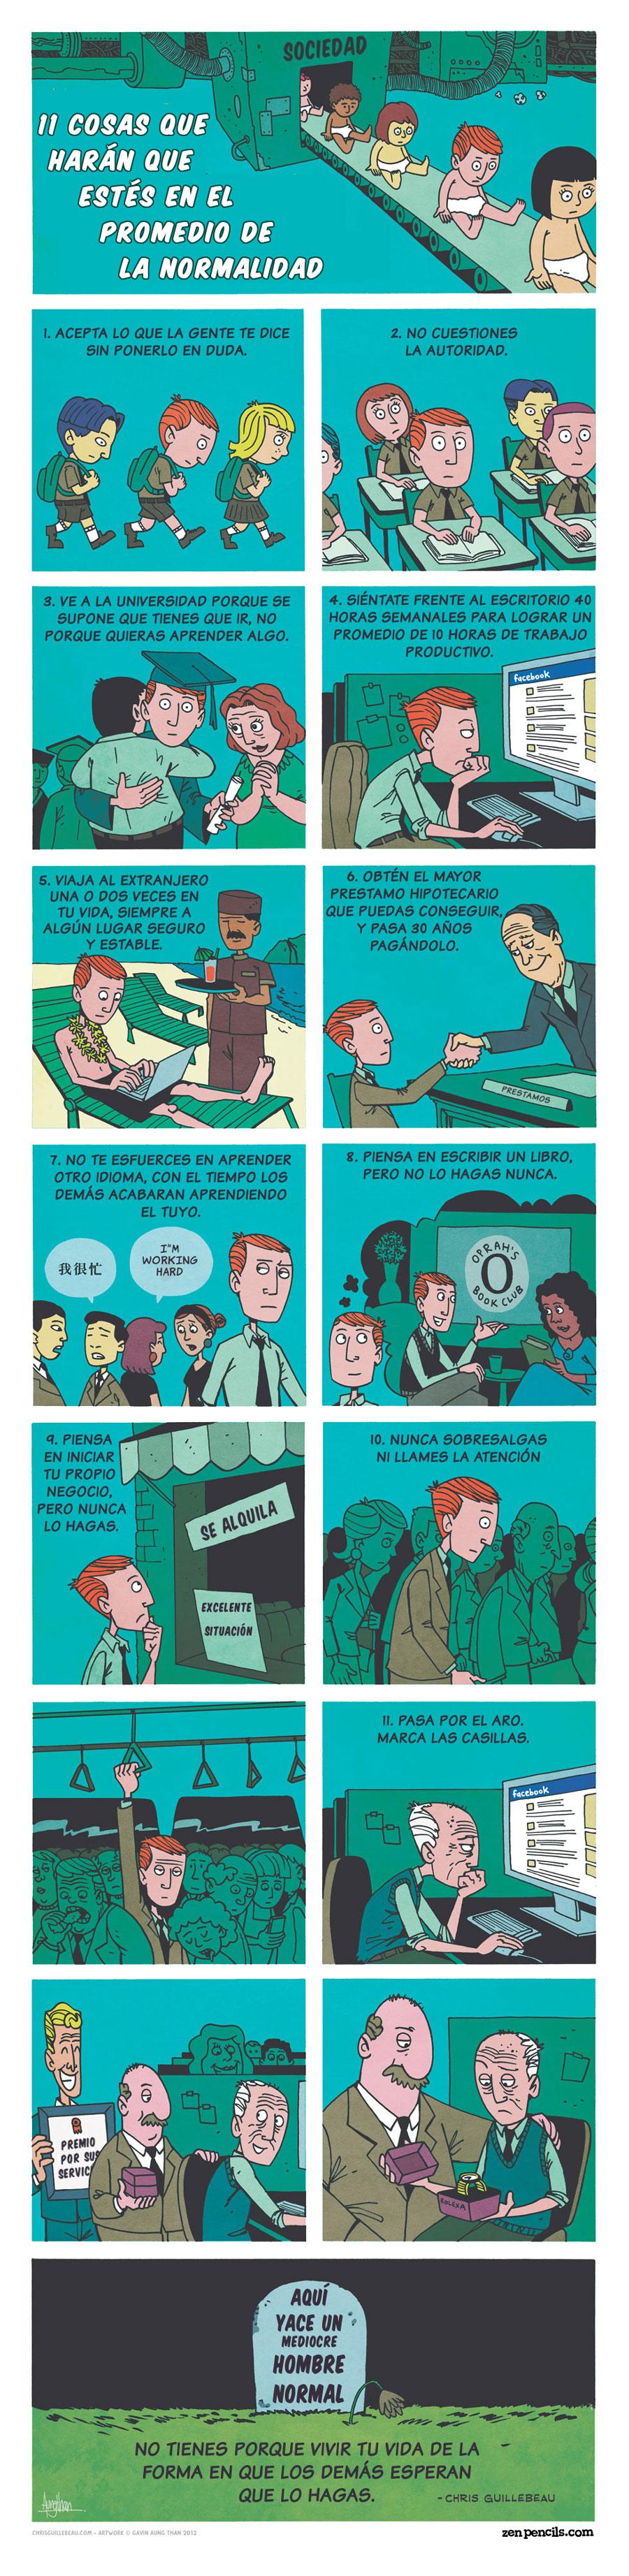 11 cosas que harán que estes en el promedio de la normalidad